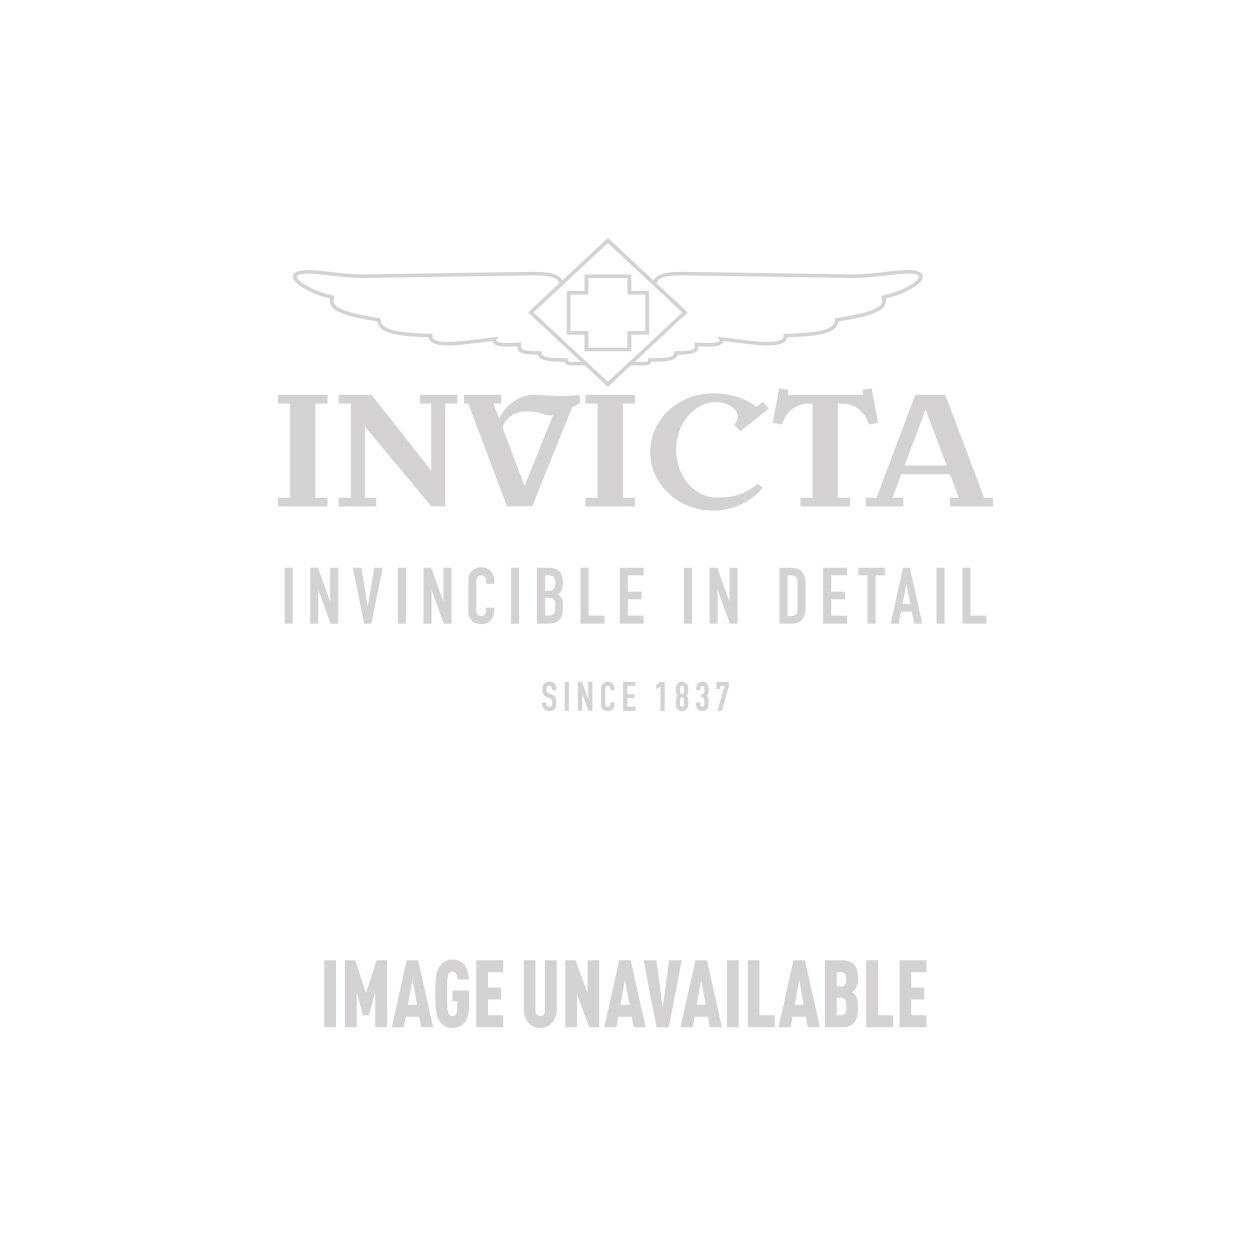 Invicta Model 28277